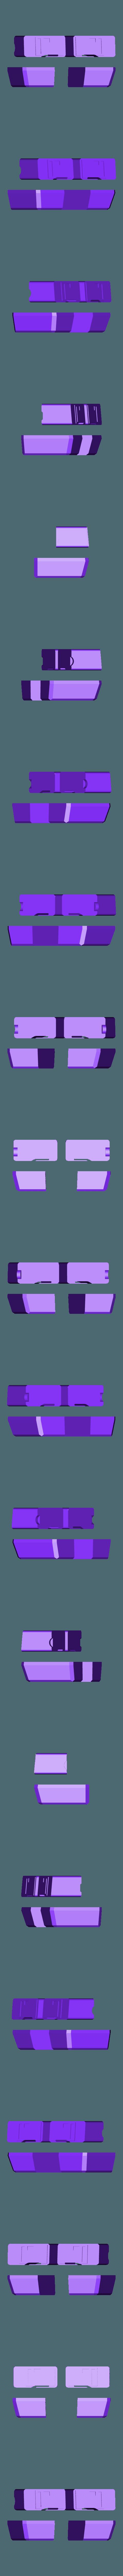 Torso-Gray.stl Télécharger fichier STL gratuit Big Optimus Prime! - Modèle multi-matériaux • Plan pour imprimante 3D, ChaosCoreTech